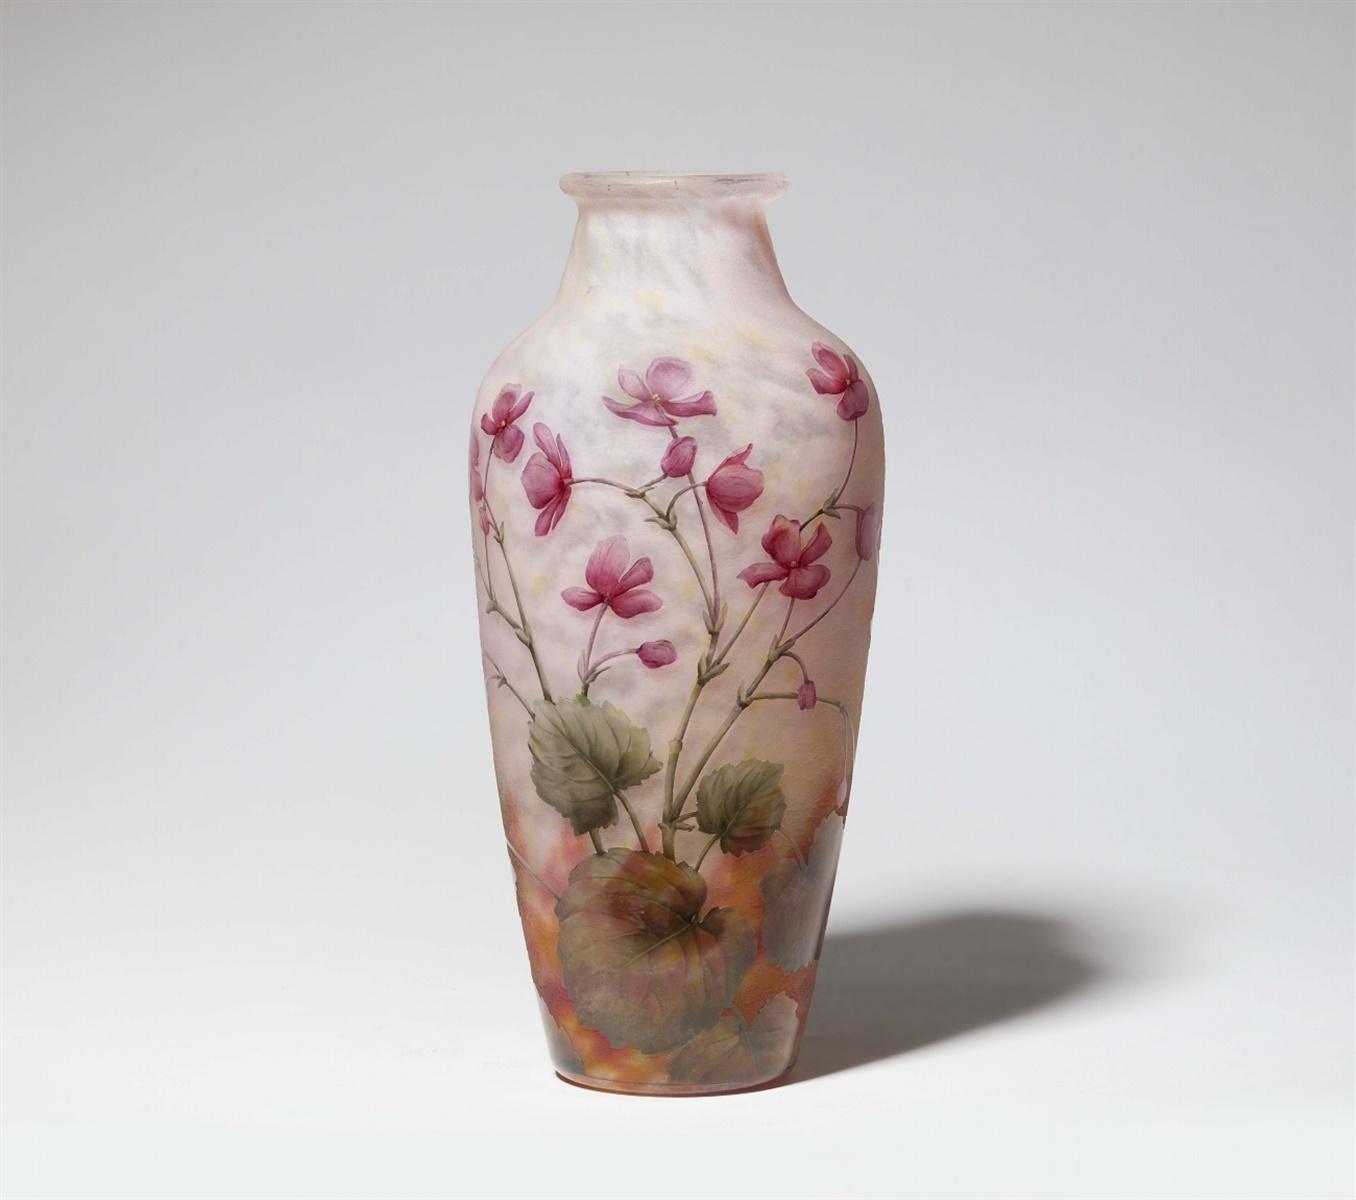 Lot 25 - Vase violetsMatt geätztes Glas mit gewölkten Pulvereinschmelzungen in Gelb, Rosa und Weiß,